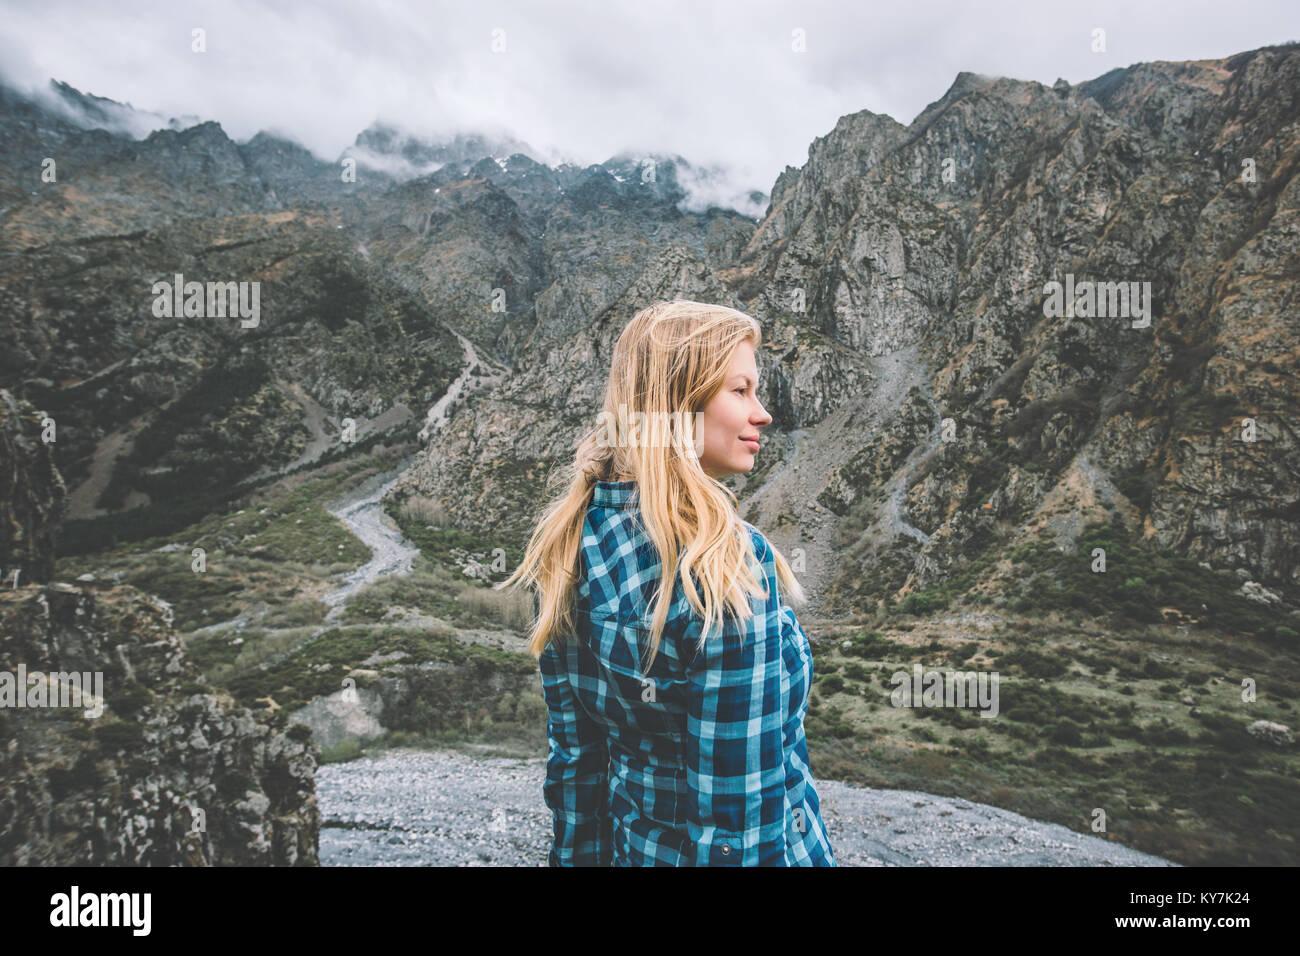 Frau touristische Reisen in nebligen Berge Lifestyle Konzept Abenteuer Ferien im Freien Stockbild